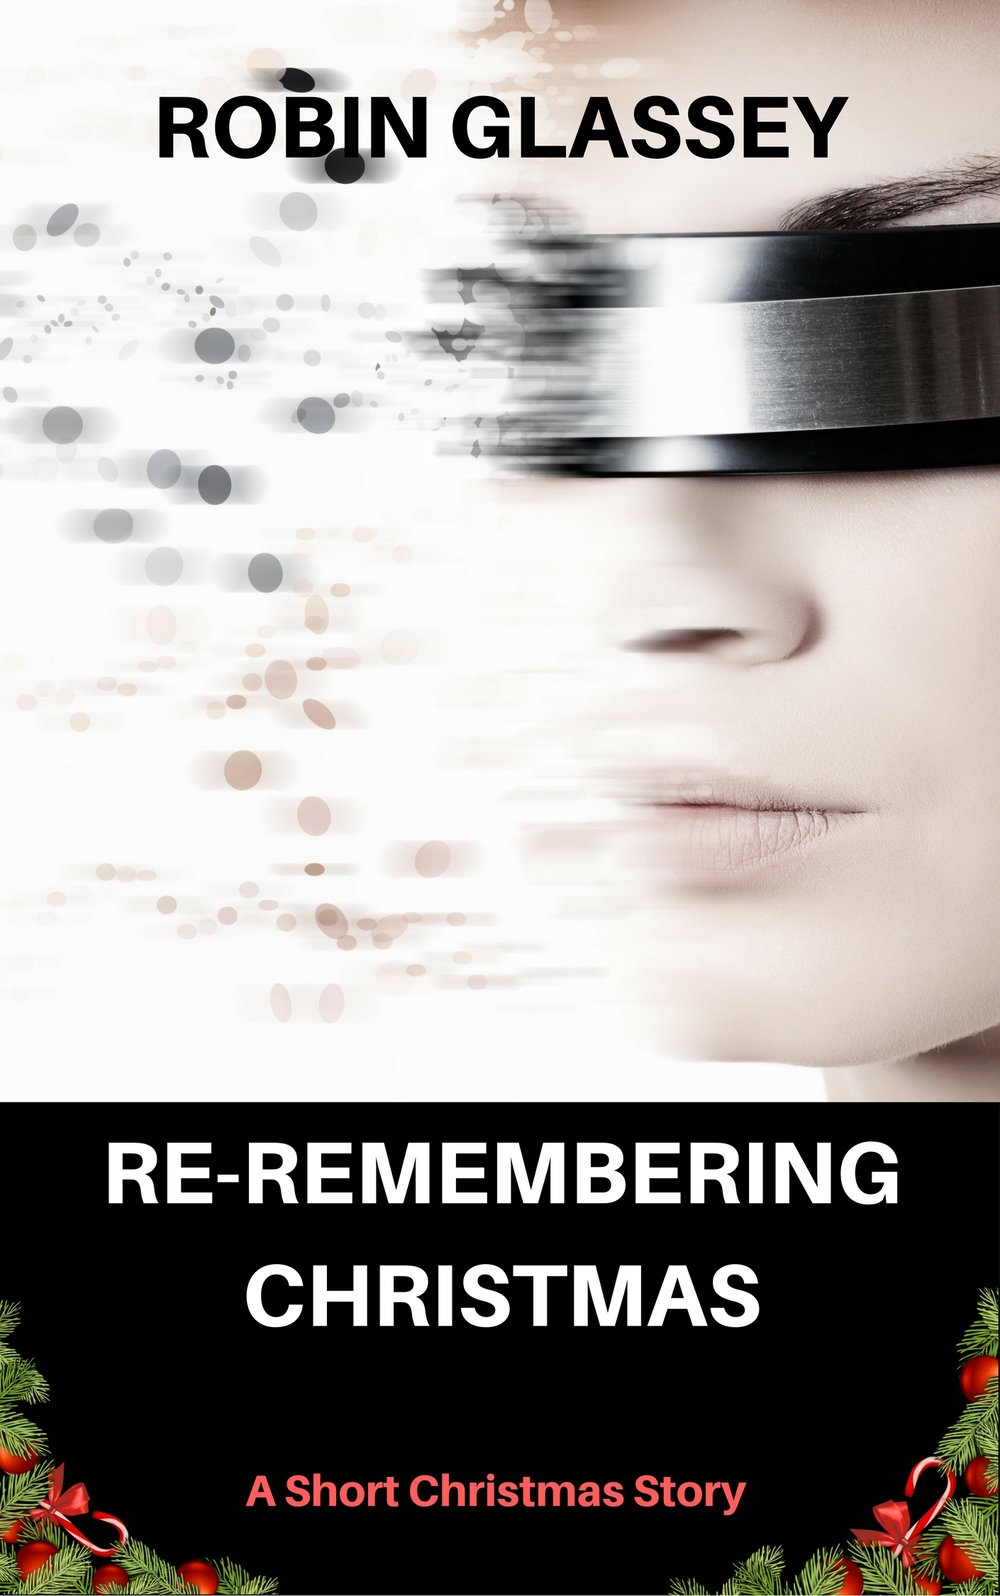 Robin Glassey Reremembering Christmas.jpg